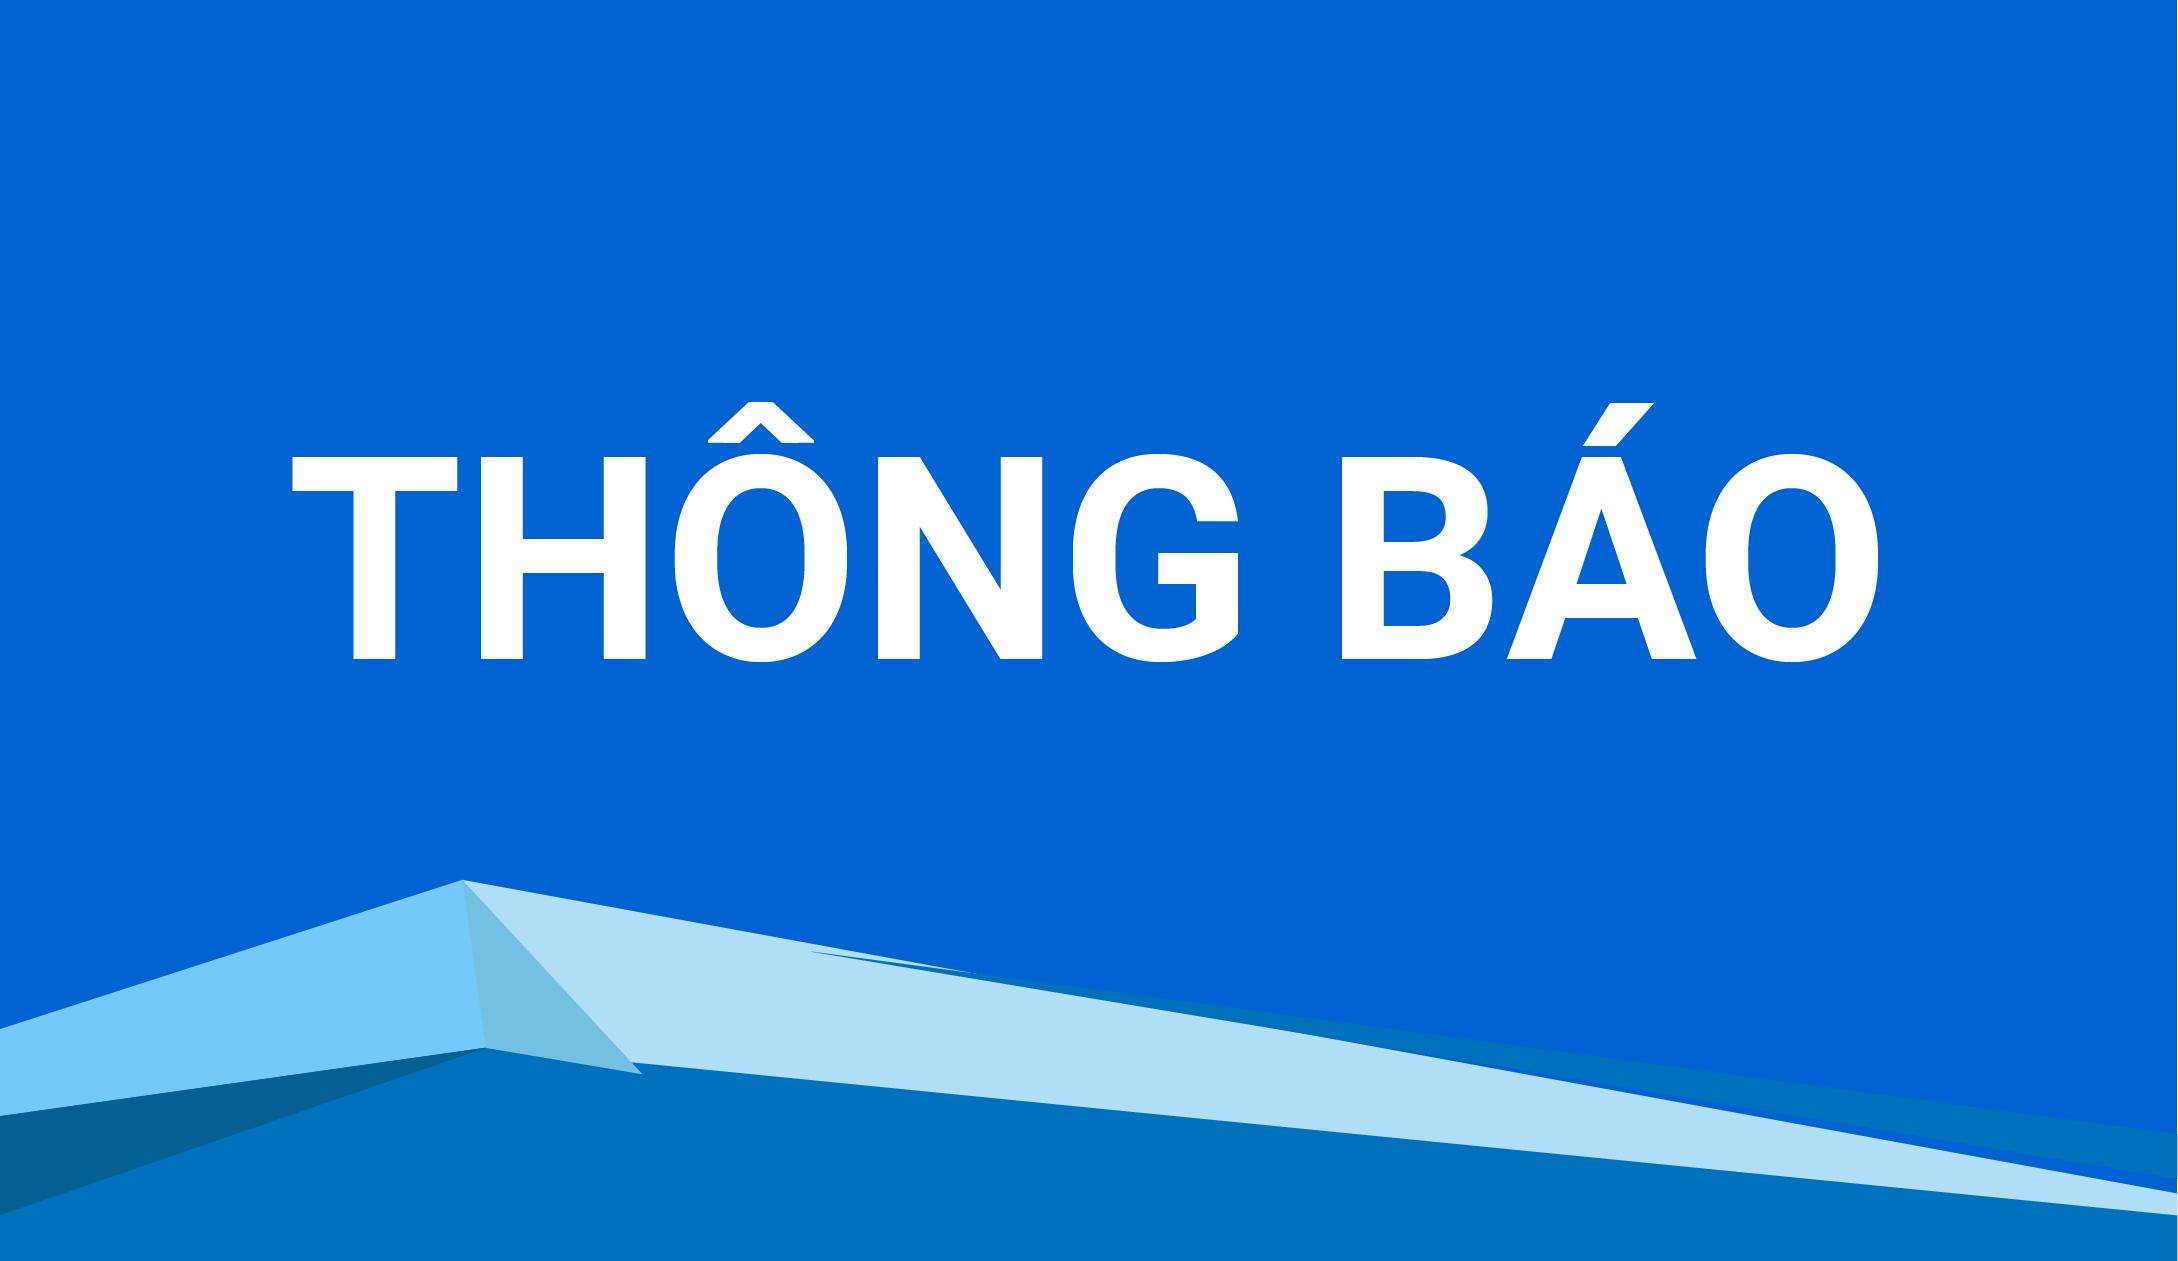 Thông báo về việc tiếp nhận tác phẩm xét Giải thưởng Văn học nghệ thuật năm 2020 của Liên hiệp các Hội VHNT Việt Nam